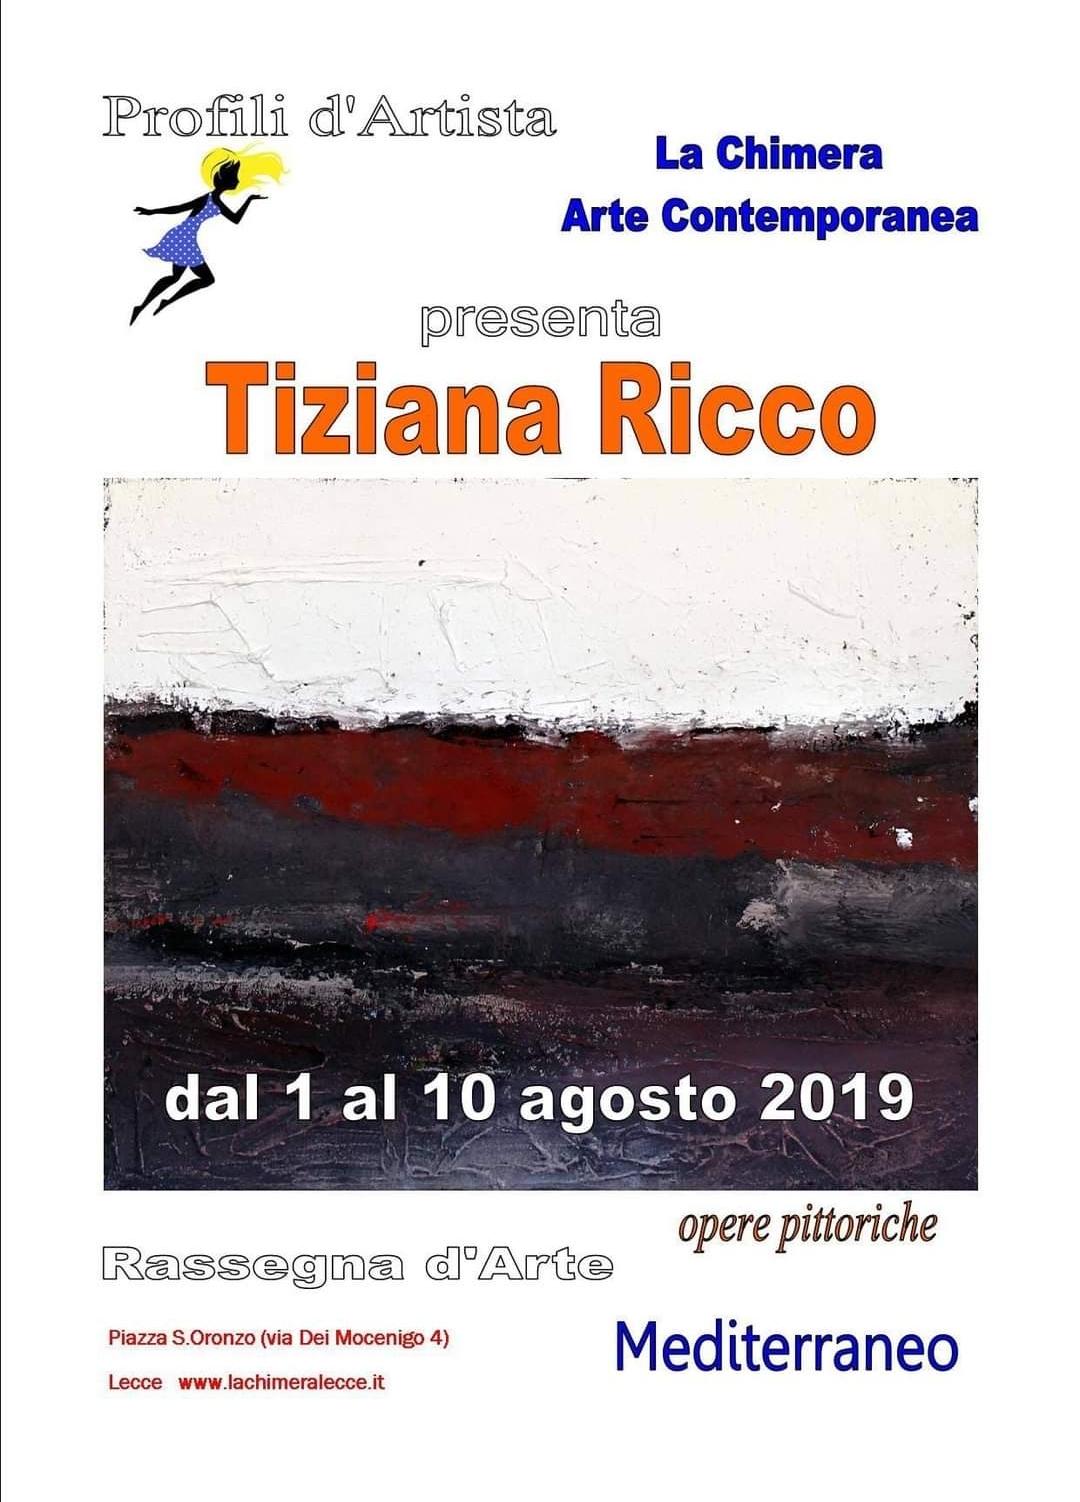 Mostra personale Profili d'Artista – Galleria La Chimera (2019)